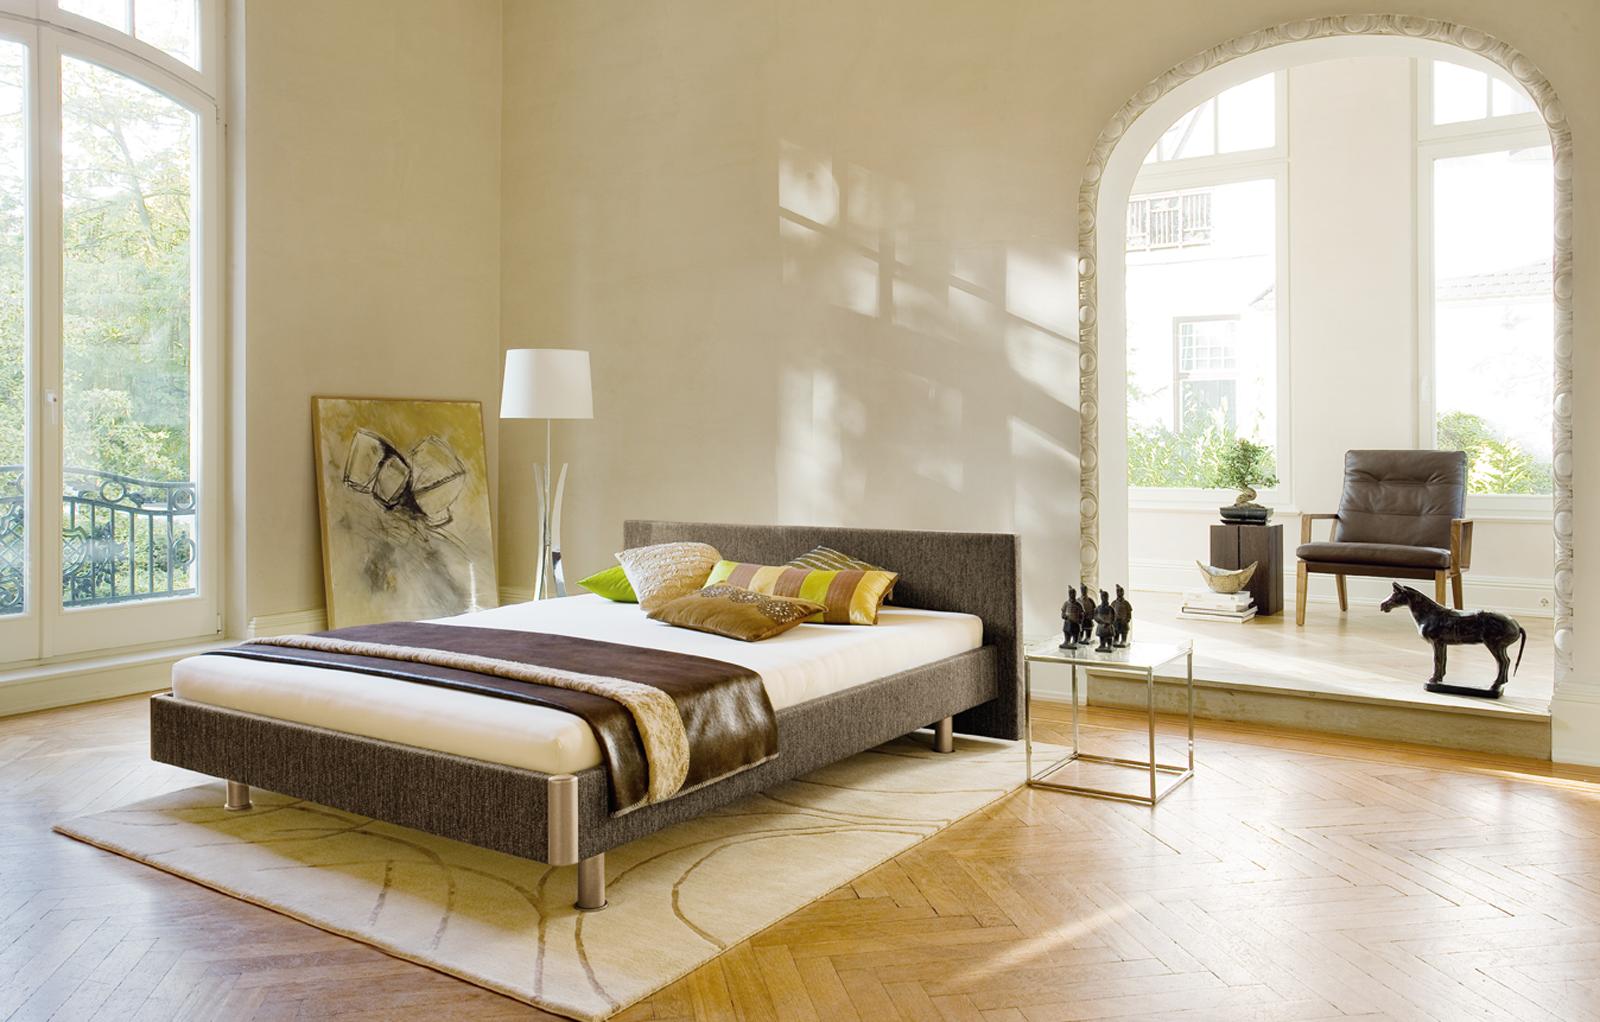 einzel polsterbett free einzel bett futonbett bett einzelbett honigfarben lackiert x cm ga. Black Bedroom Furniture Sets. Home Design Ideas